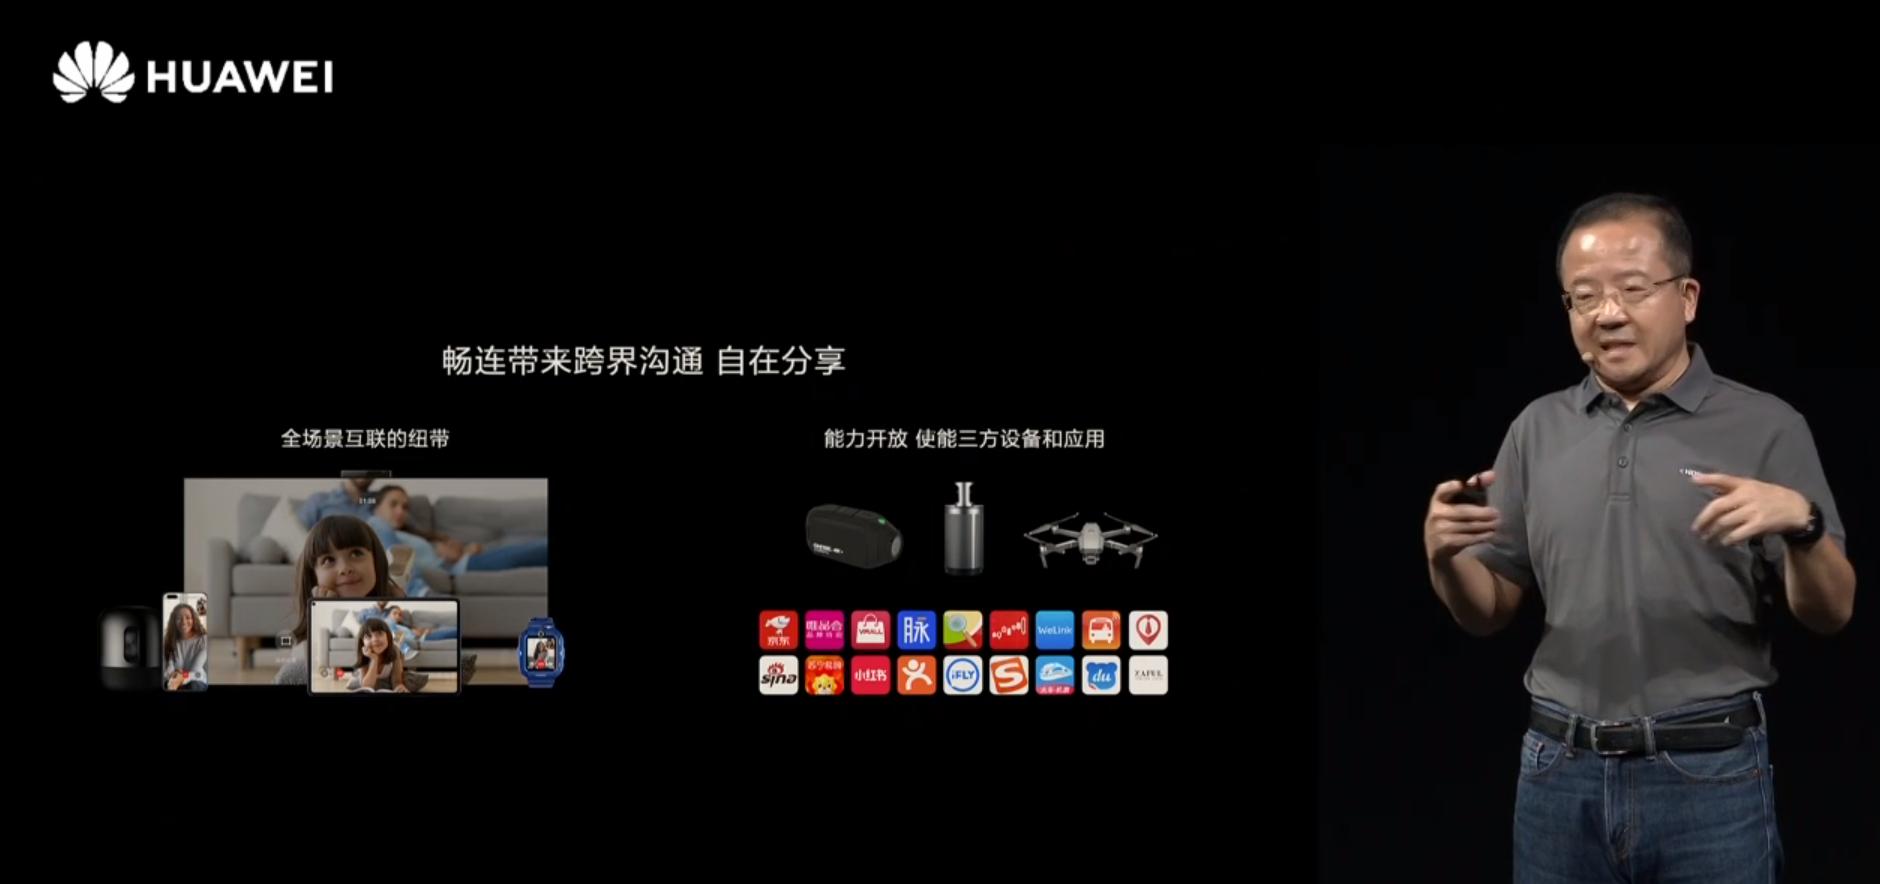 华为公司EMUI11公布,根据人因为科学研究打造出,这50几款型号可升級